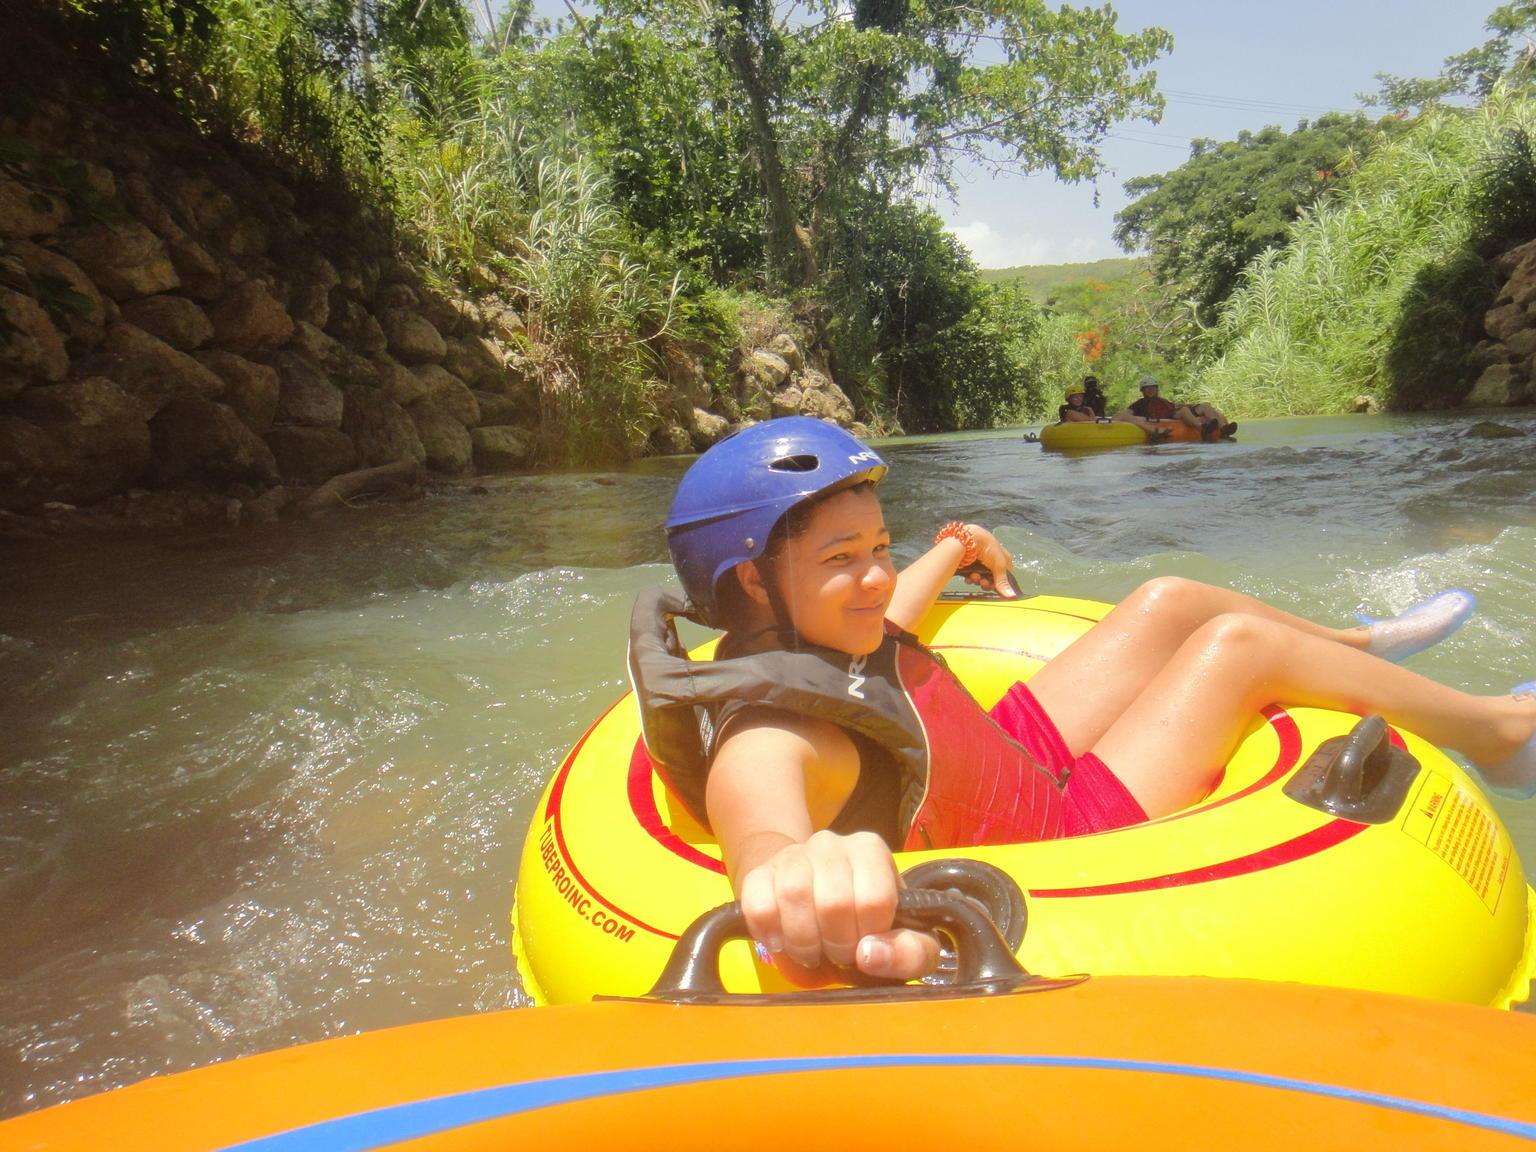 MORE PHOTOS, Jamaica River Tubing Adventure on the Rio Bueno